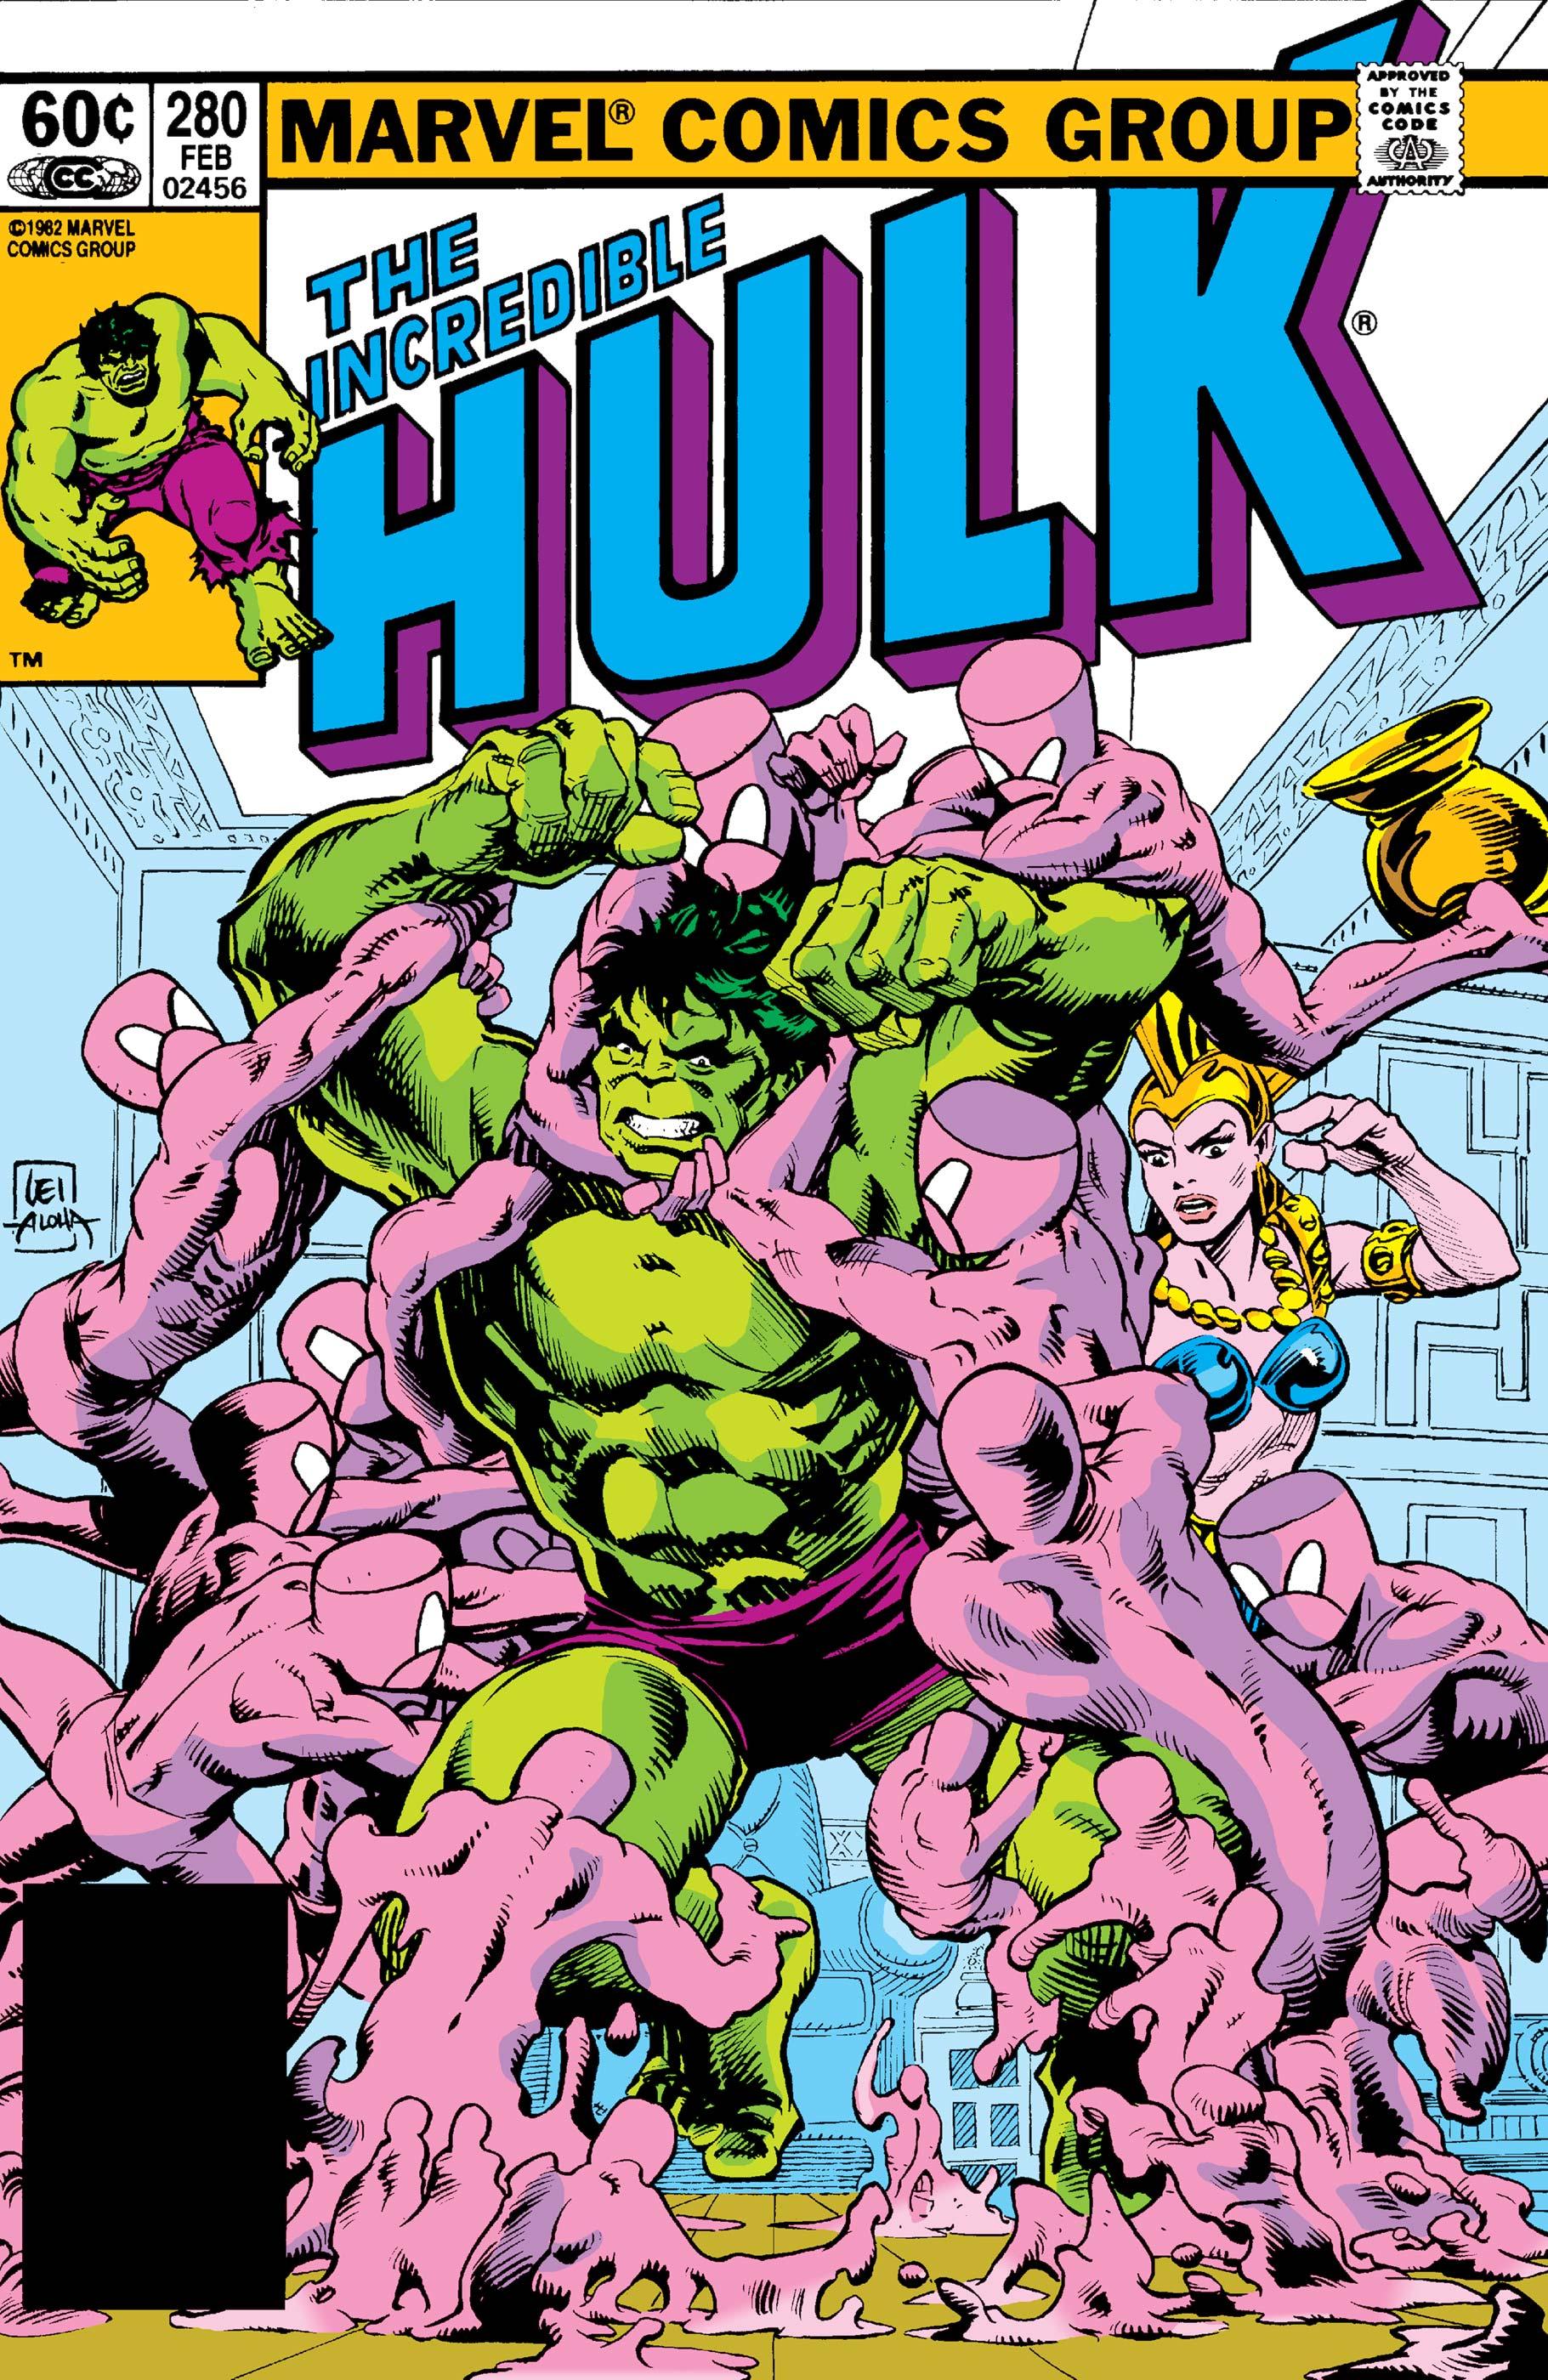 Incredible Hulk (1962) #280